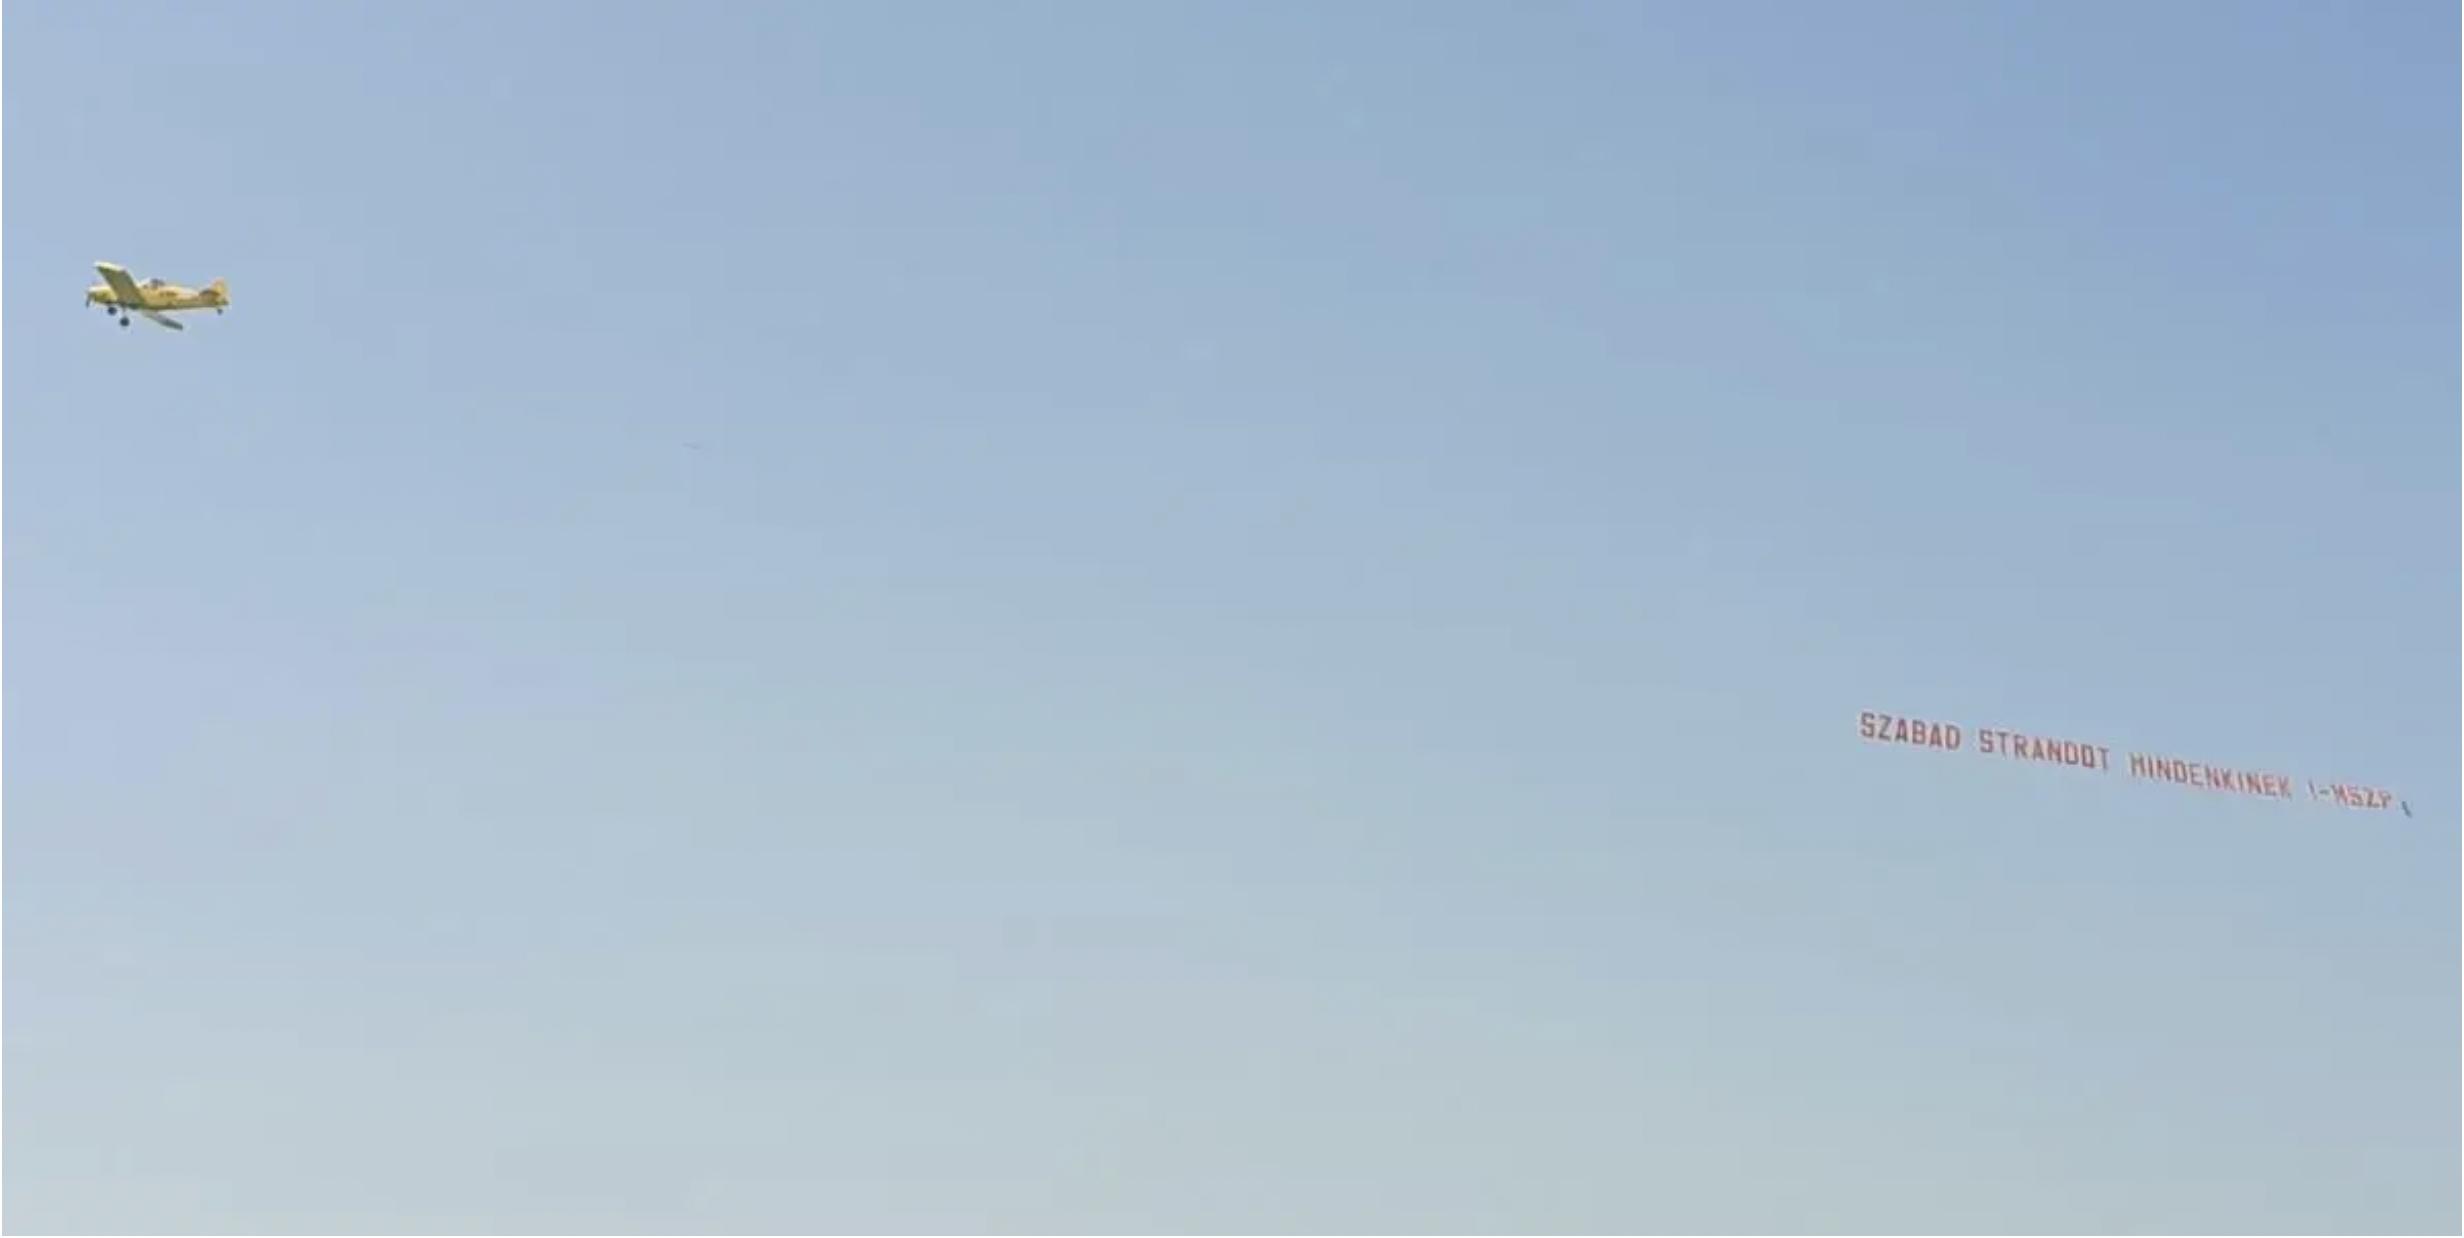 Az MSZP egy balatoni szabadstrand felett repked, hogy szabad strandot  mindenkinek | Vadhajtások